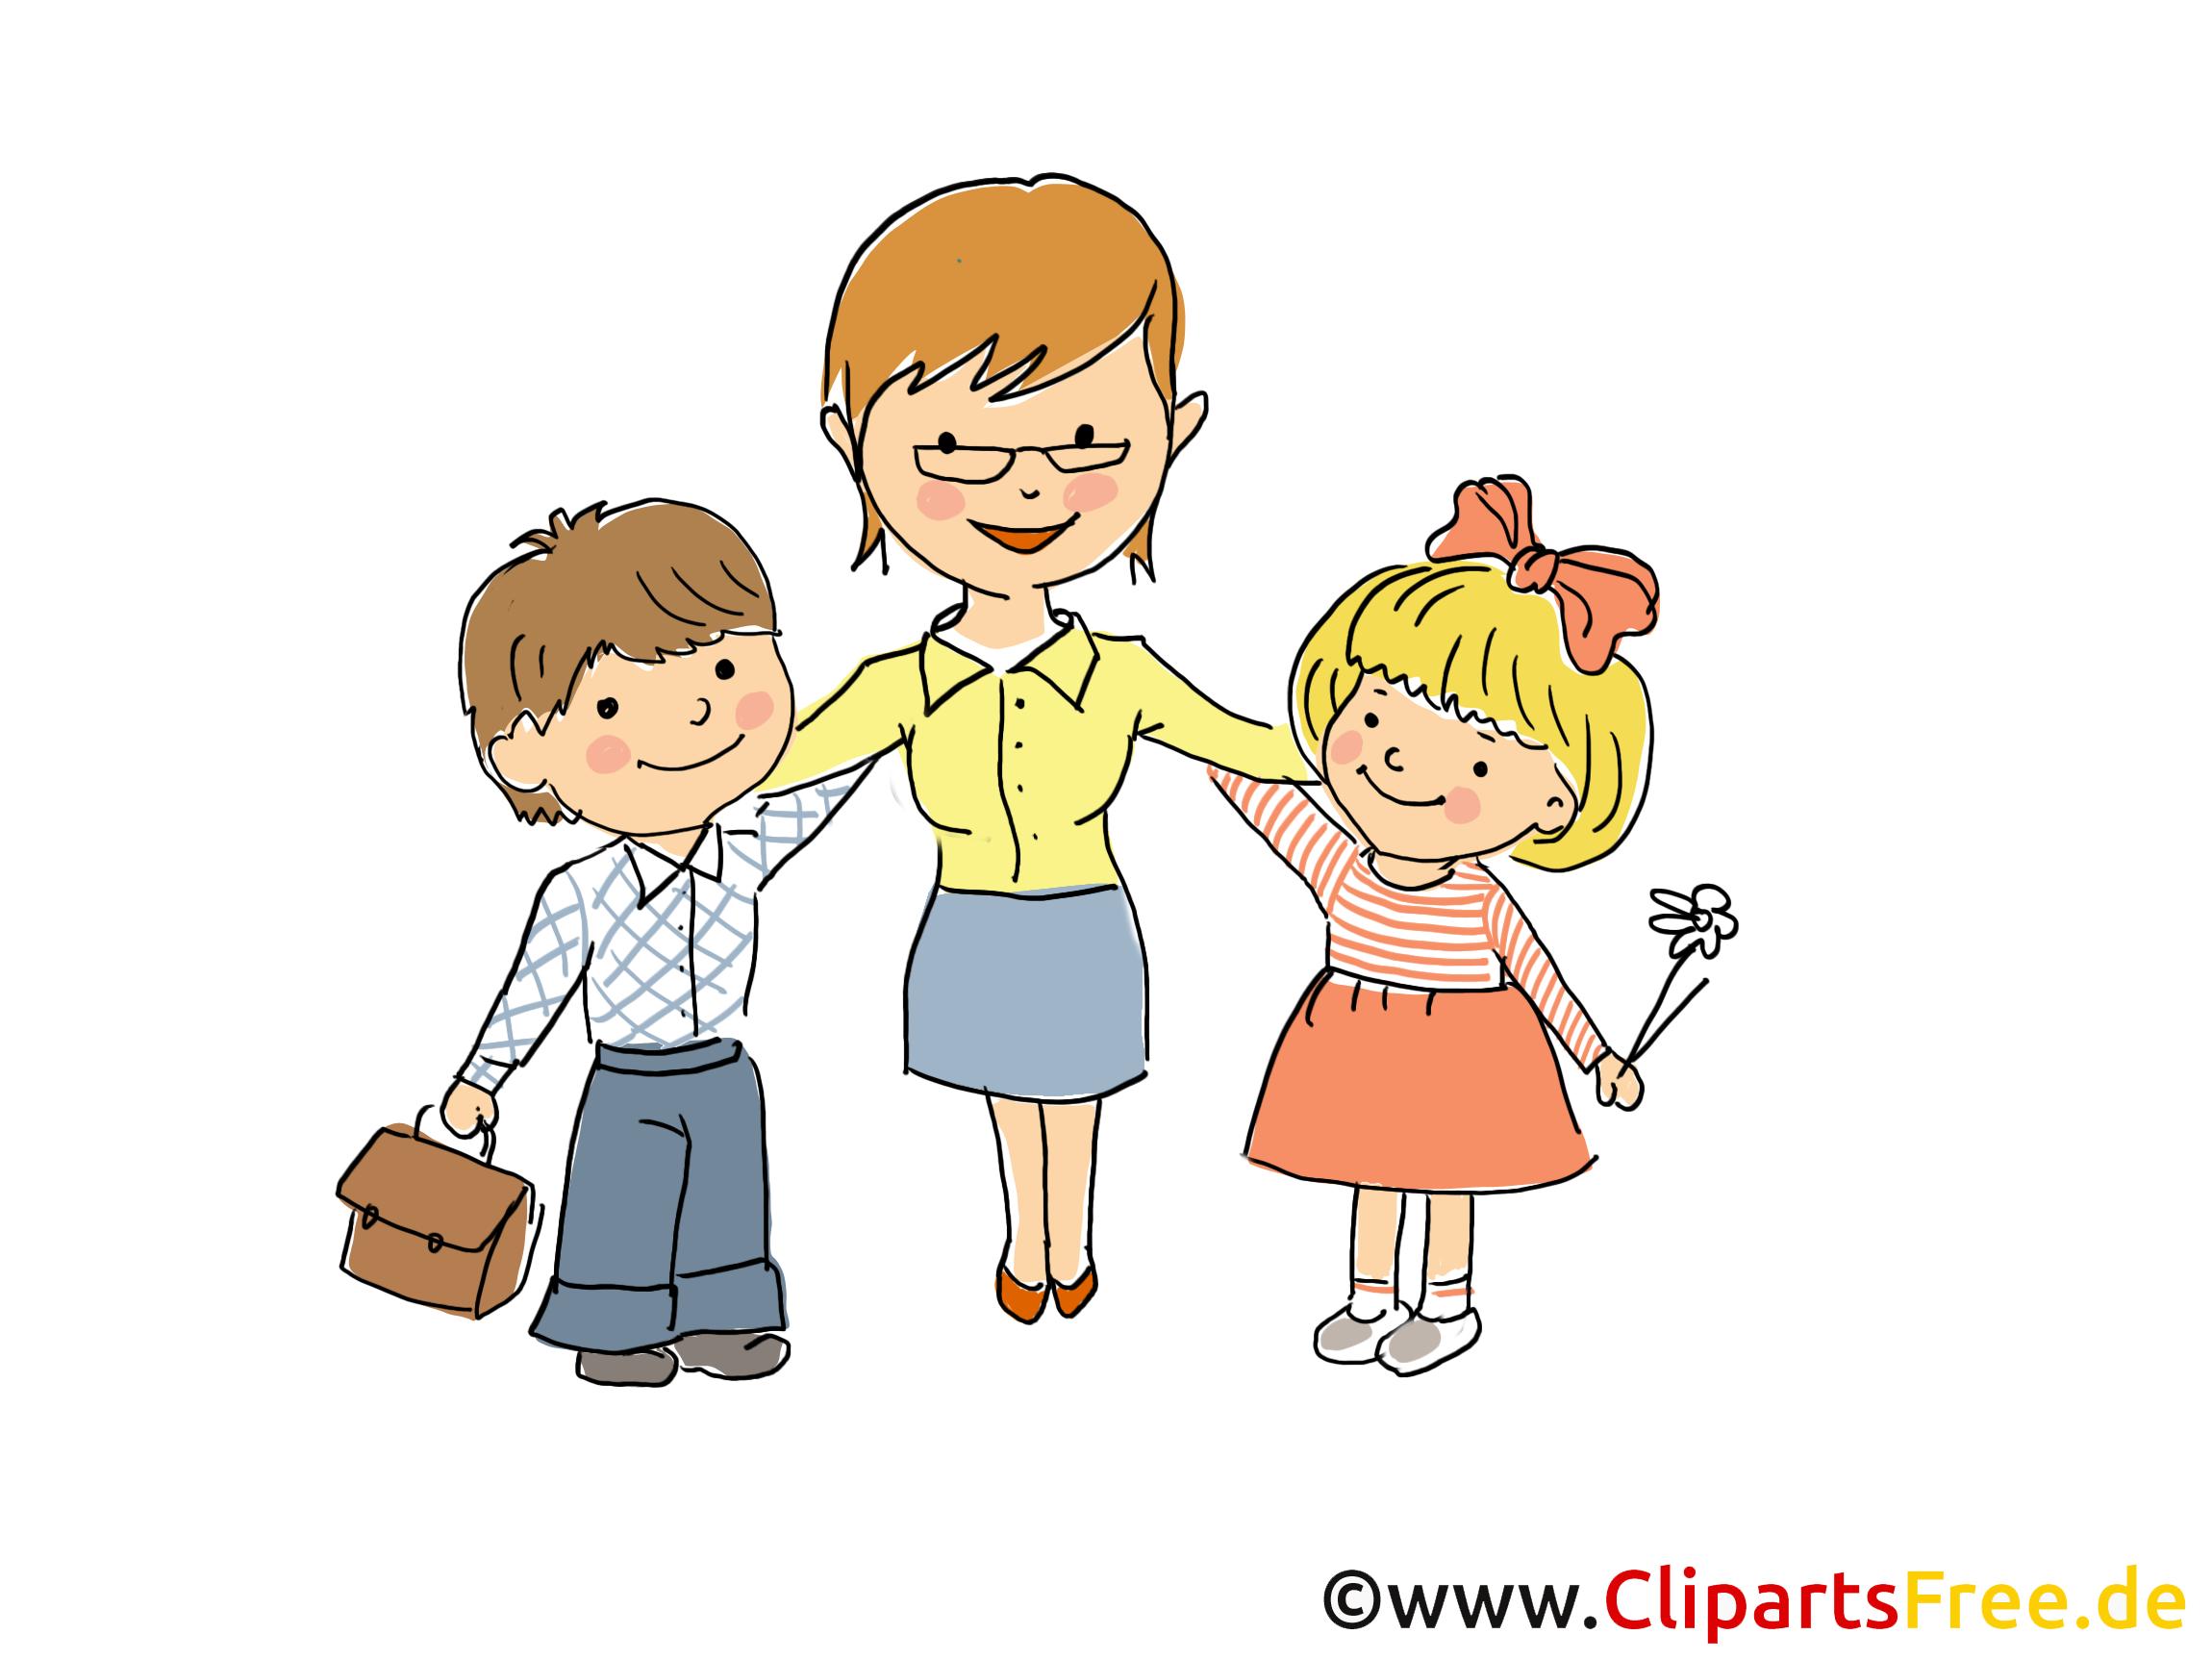 Erzieherin mit Kindern in KiGa Bild, Clipart, Cartoon, Grafik, Comic ...